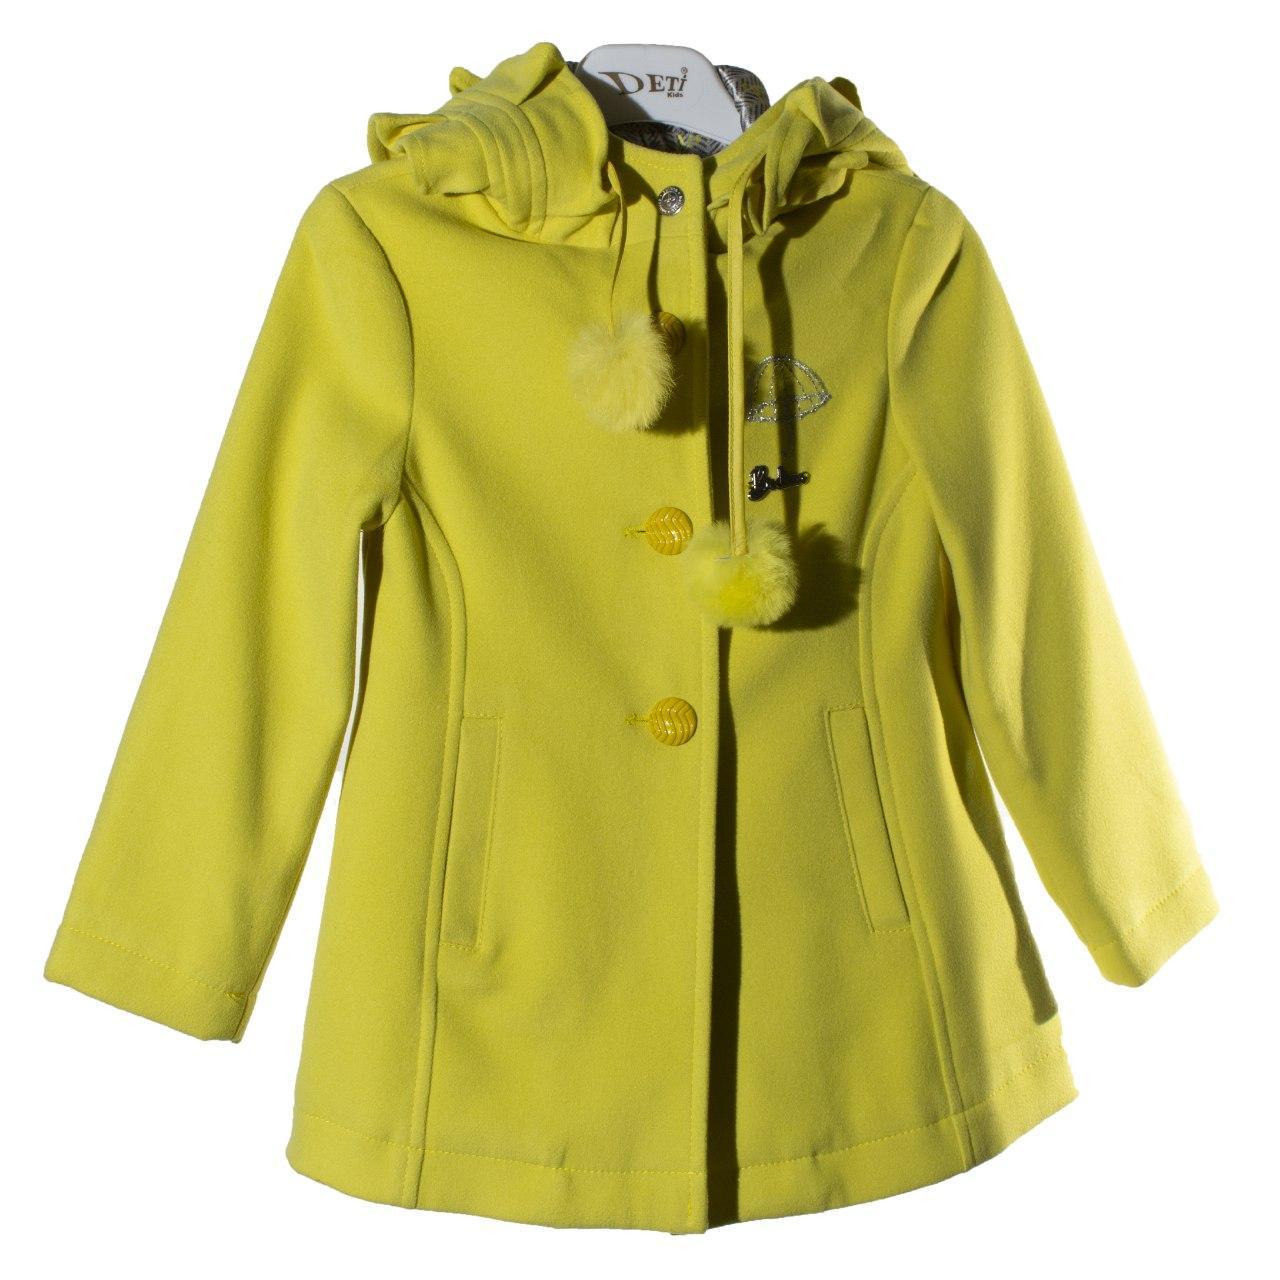 Демісезонне пальто для дівчинки, осінь/весна, розміри 2, 3, 4 роки, 5, 6 років